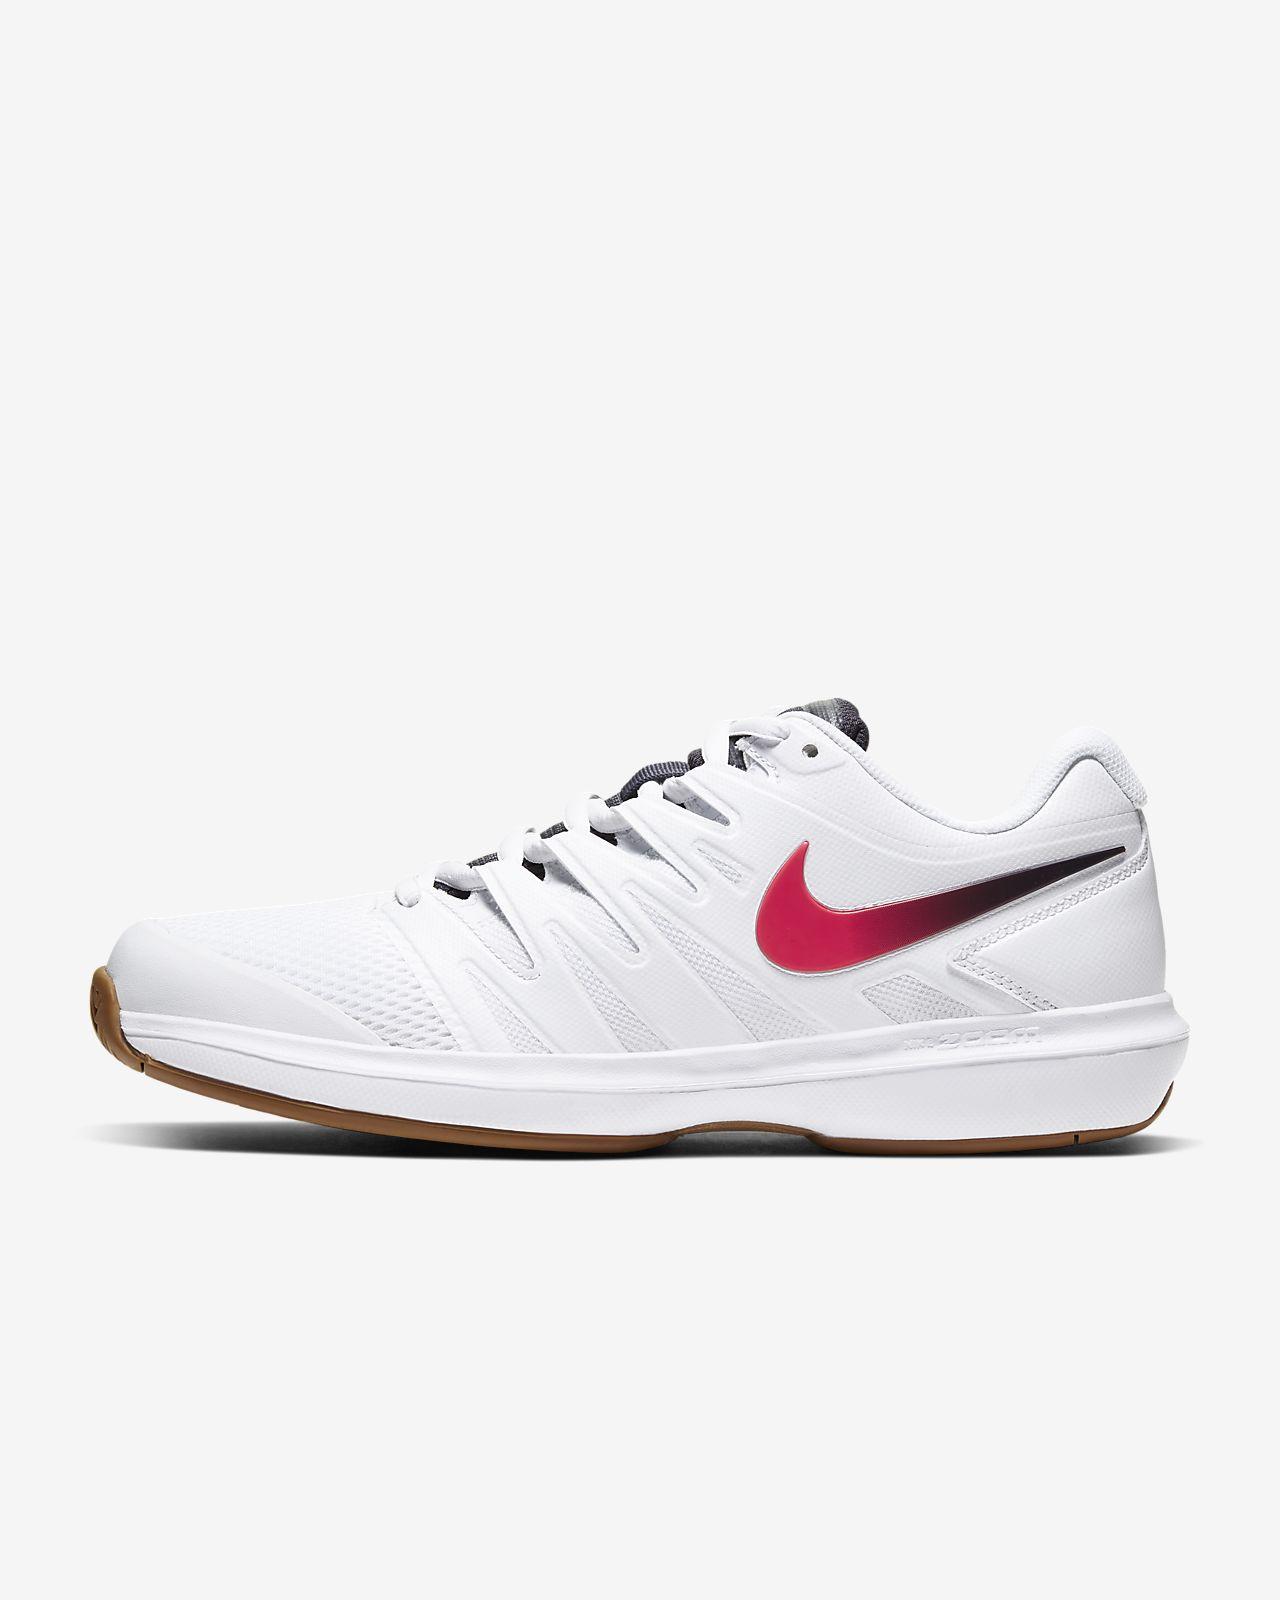 NikeCourt Air Zoom Prestige Tennisschoen voor heren